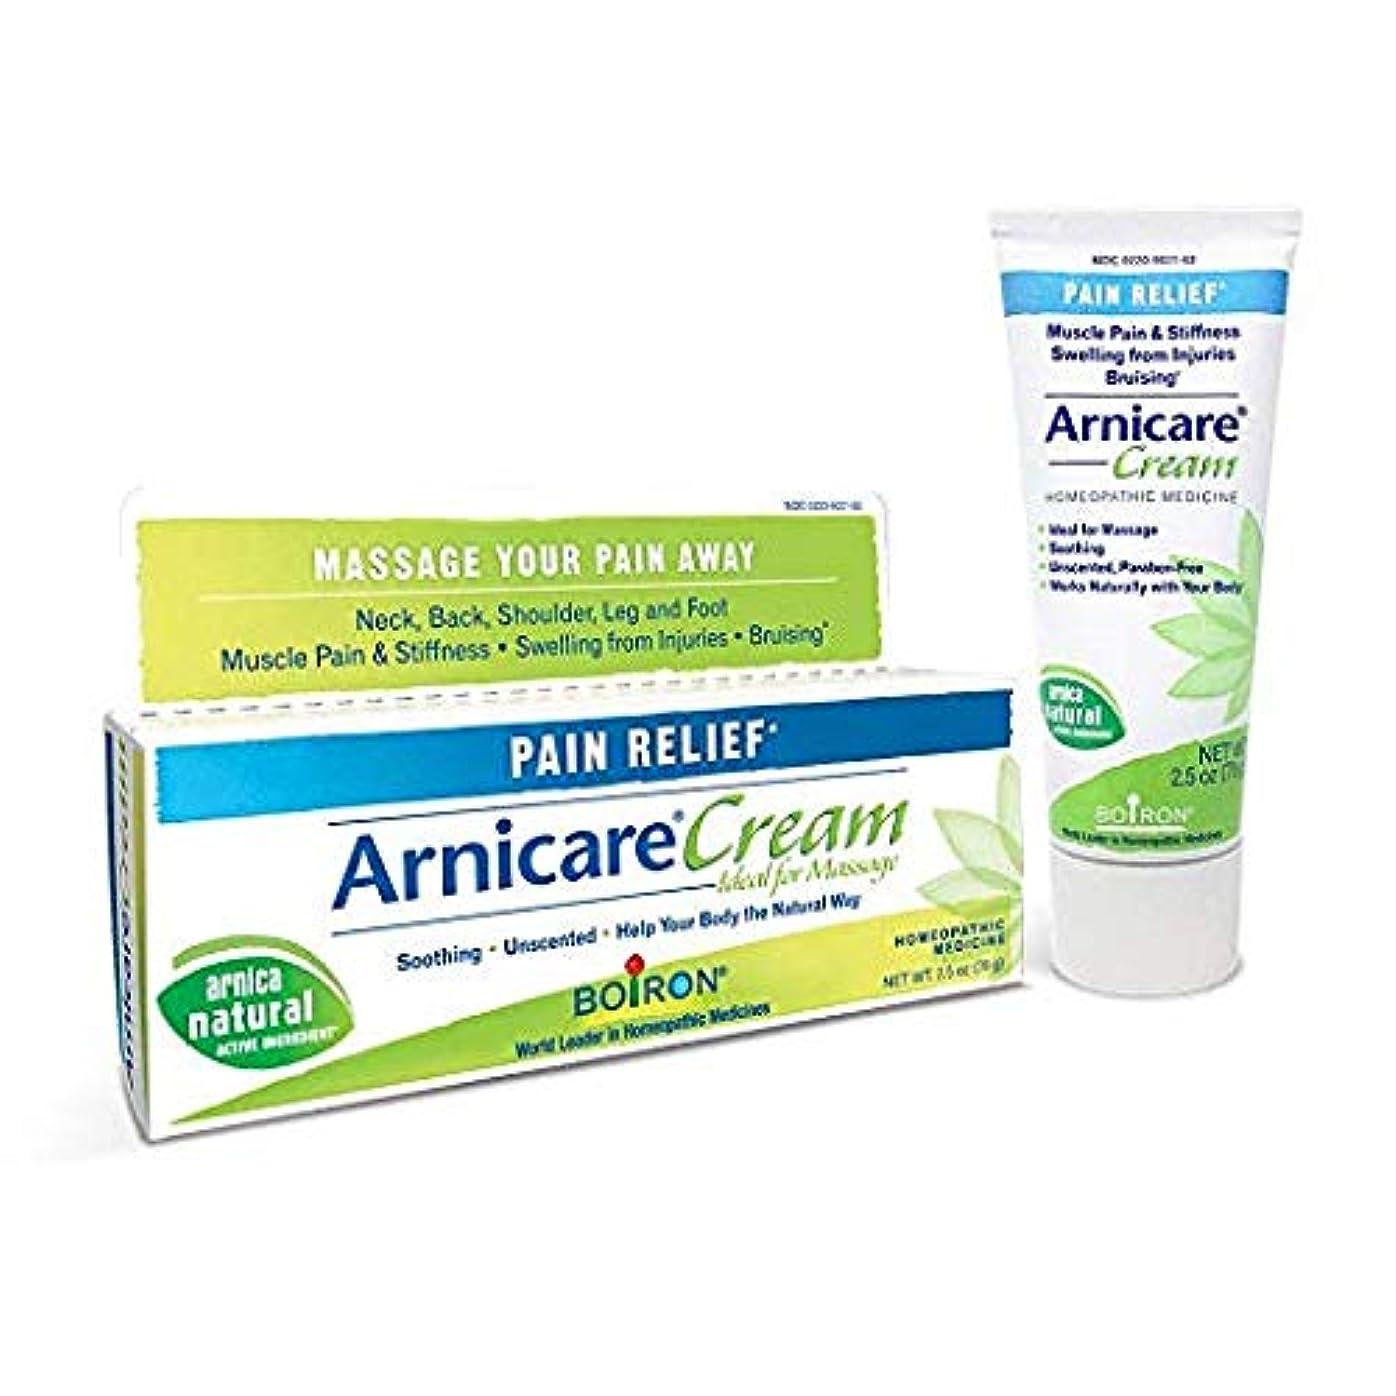 乱気流謙虚な滑り台ボイロン アルニカクリーム Boiron Arnicare Cream 2.5 Ounces Topical Pain Relief Cream [並行輸入品]